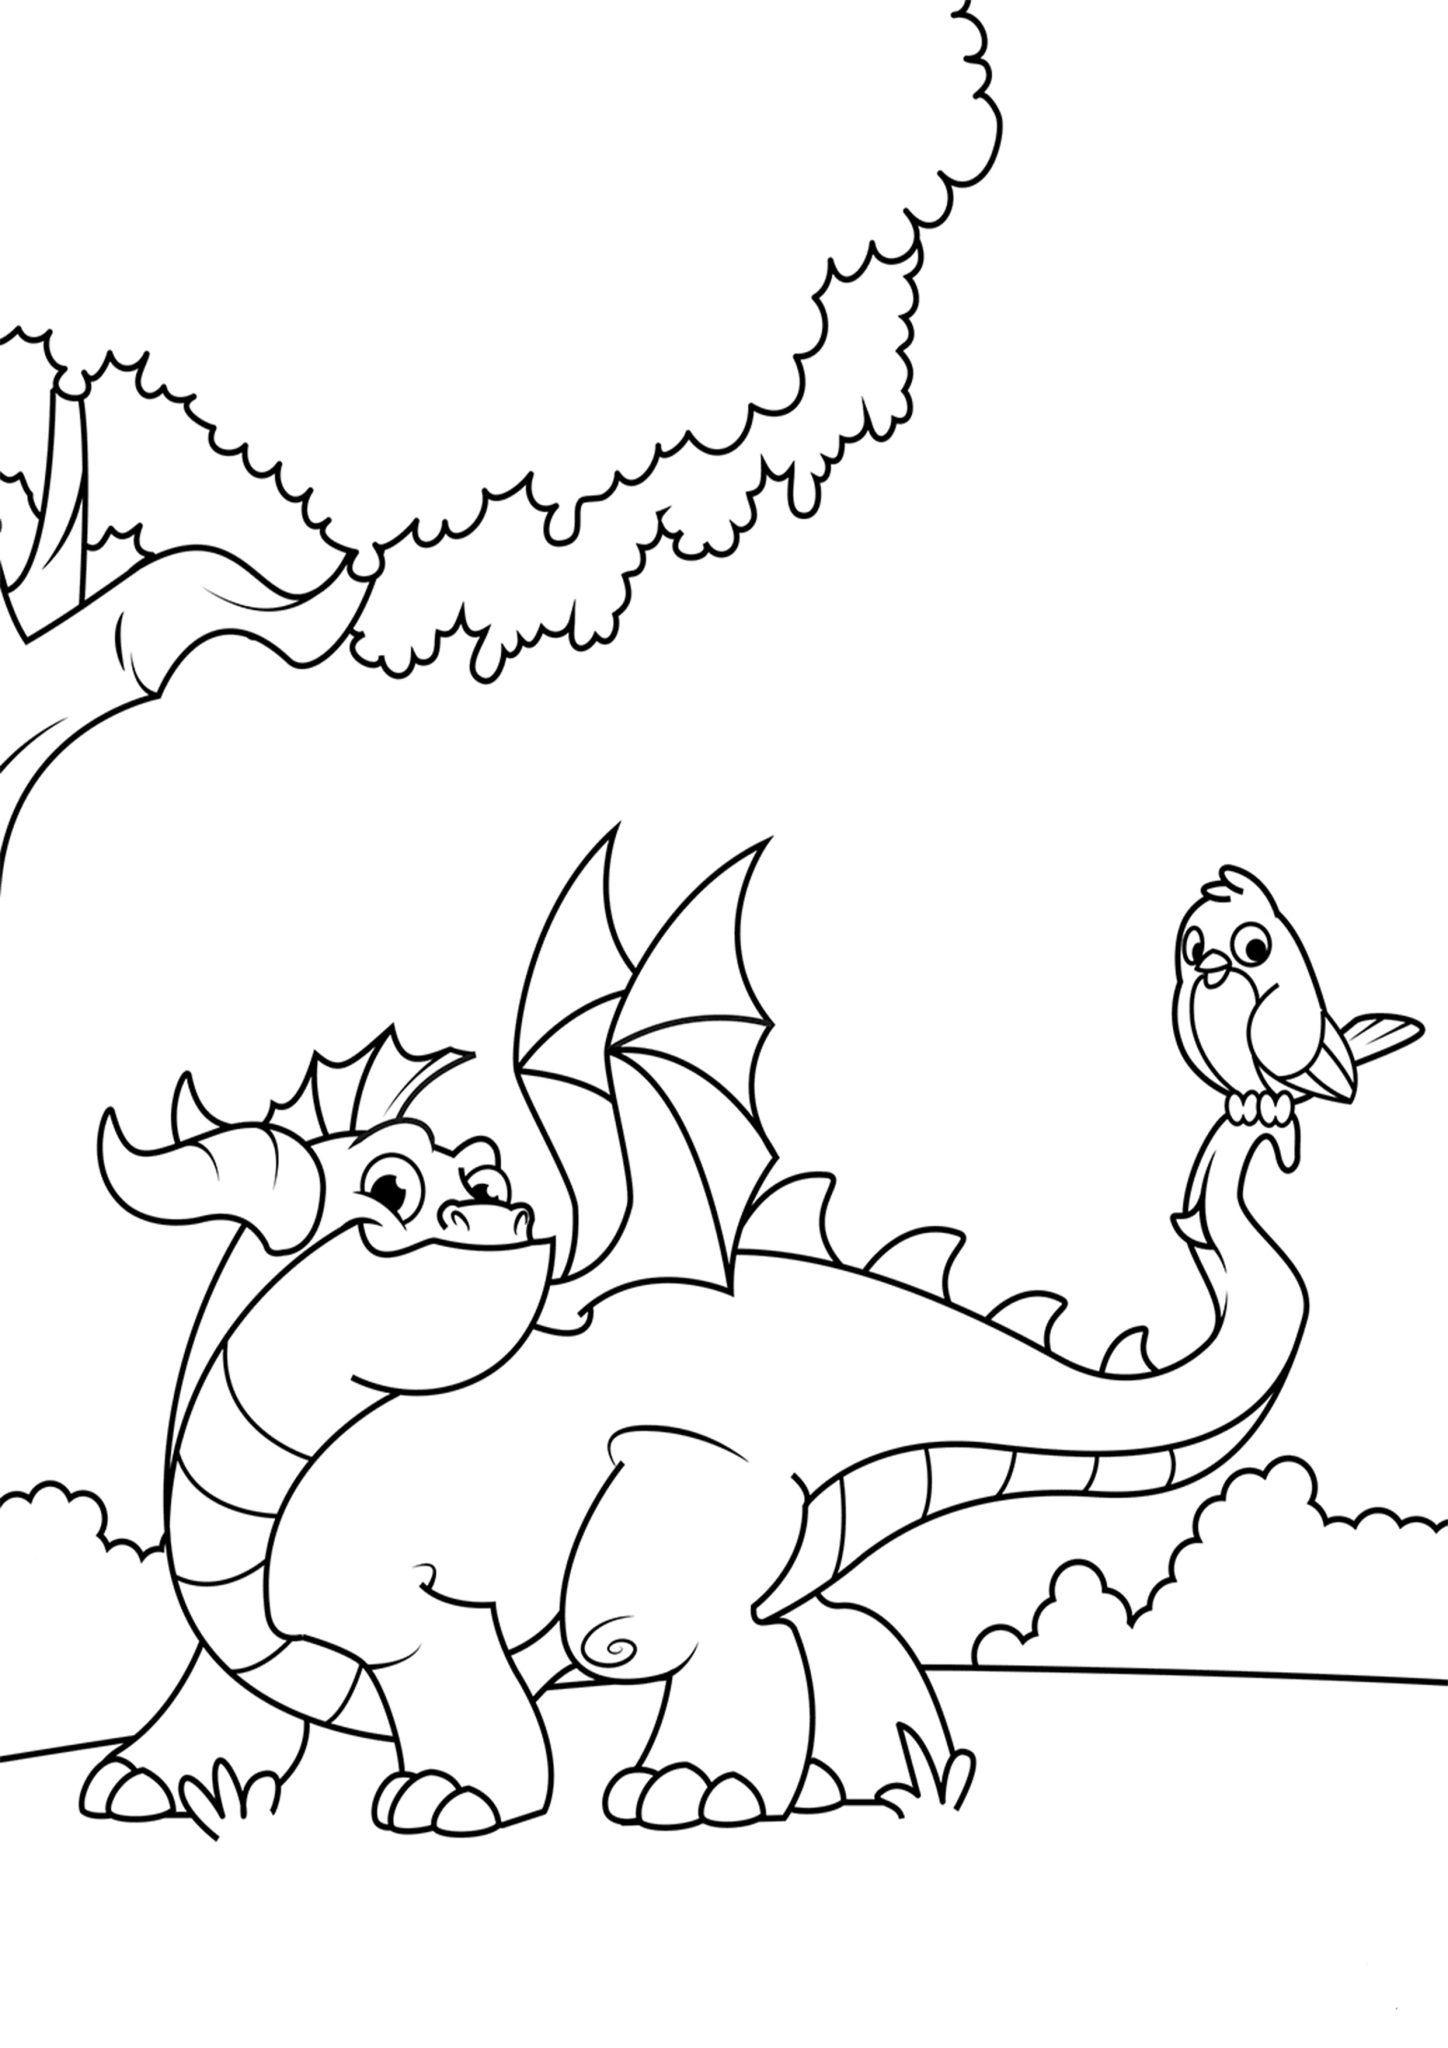 Tranh tô màu con rồng cho bé cực đáng yêu